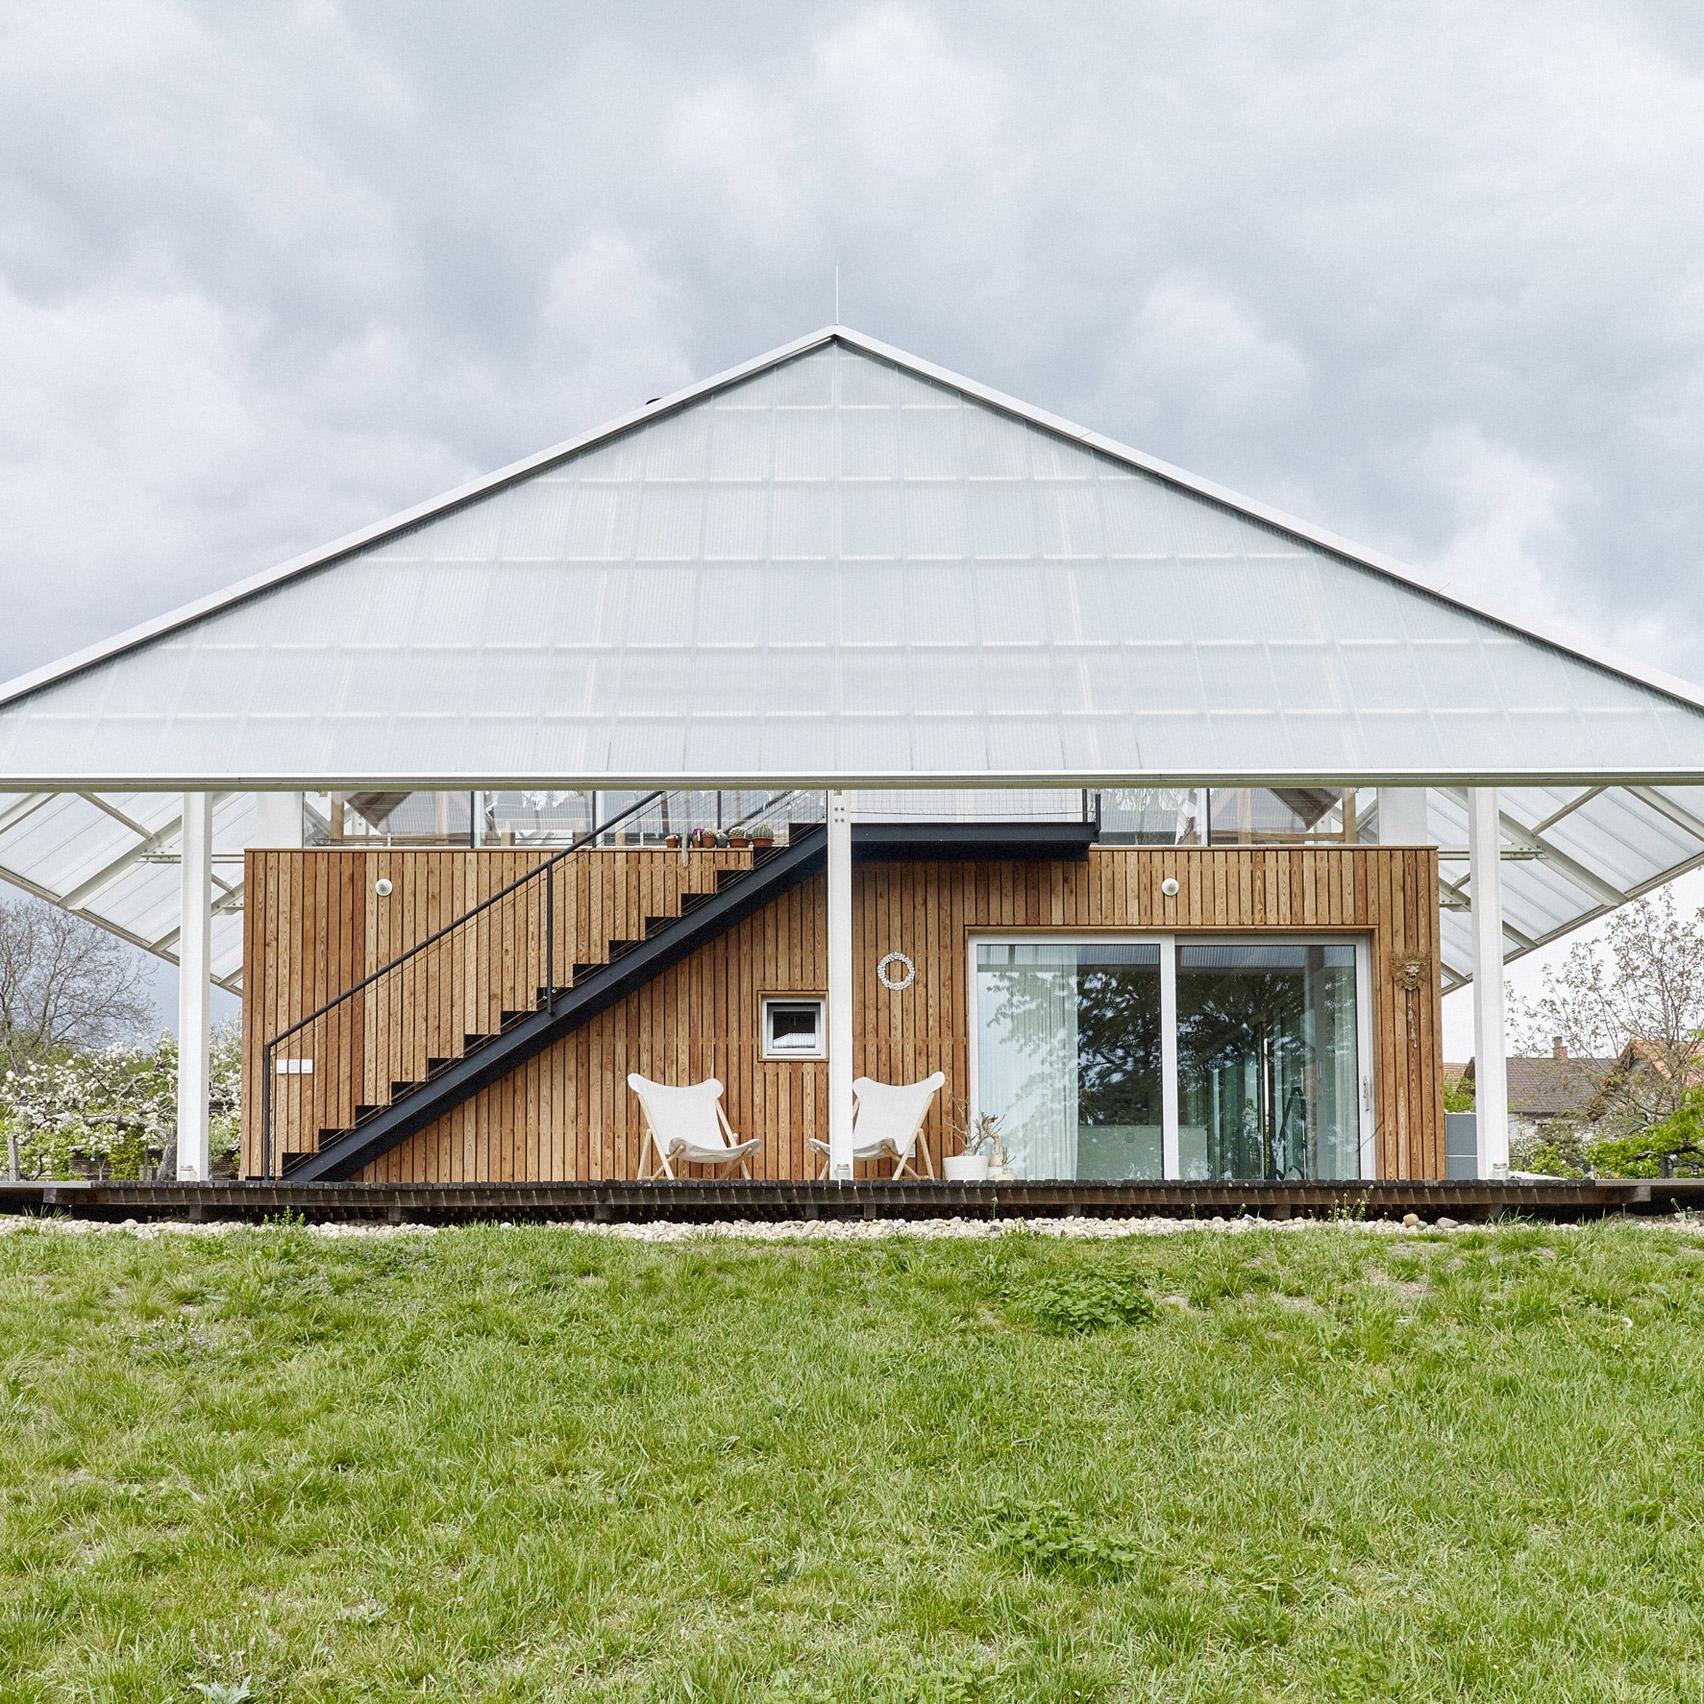 Шедевры архитектуры: 10 самых необычных домов мира, которые построили в 2020 году (ФОТО) - фото №7